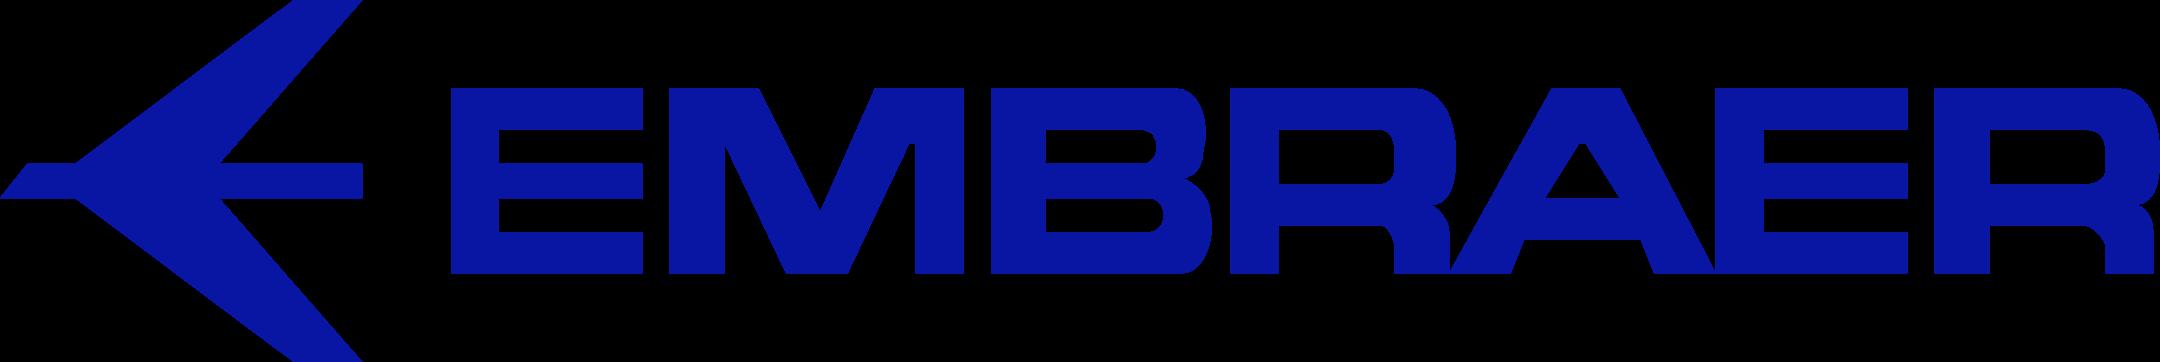 embraer logo 1 1 - Embraer Logo